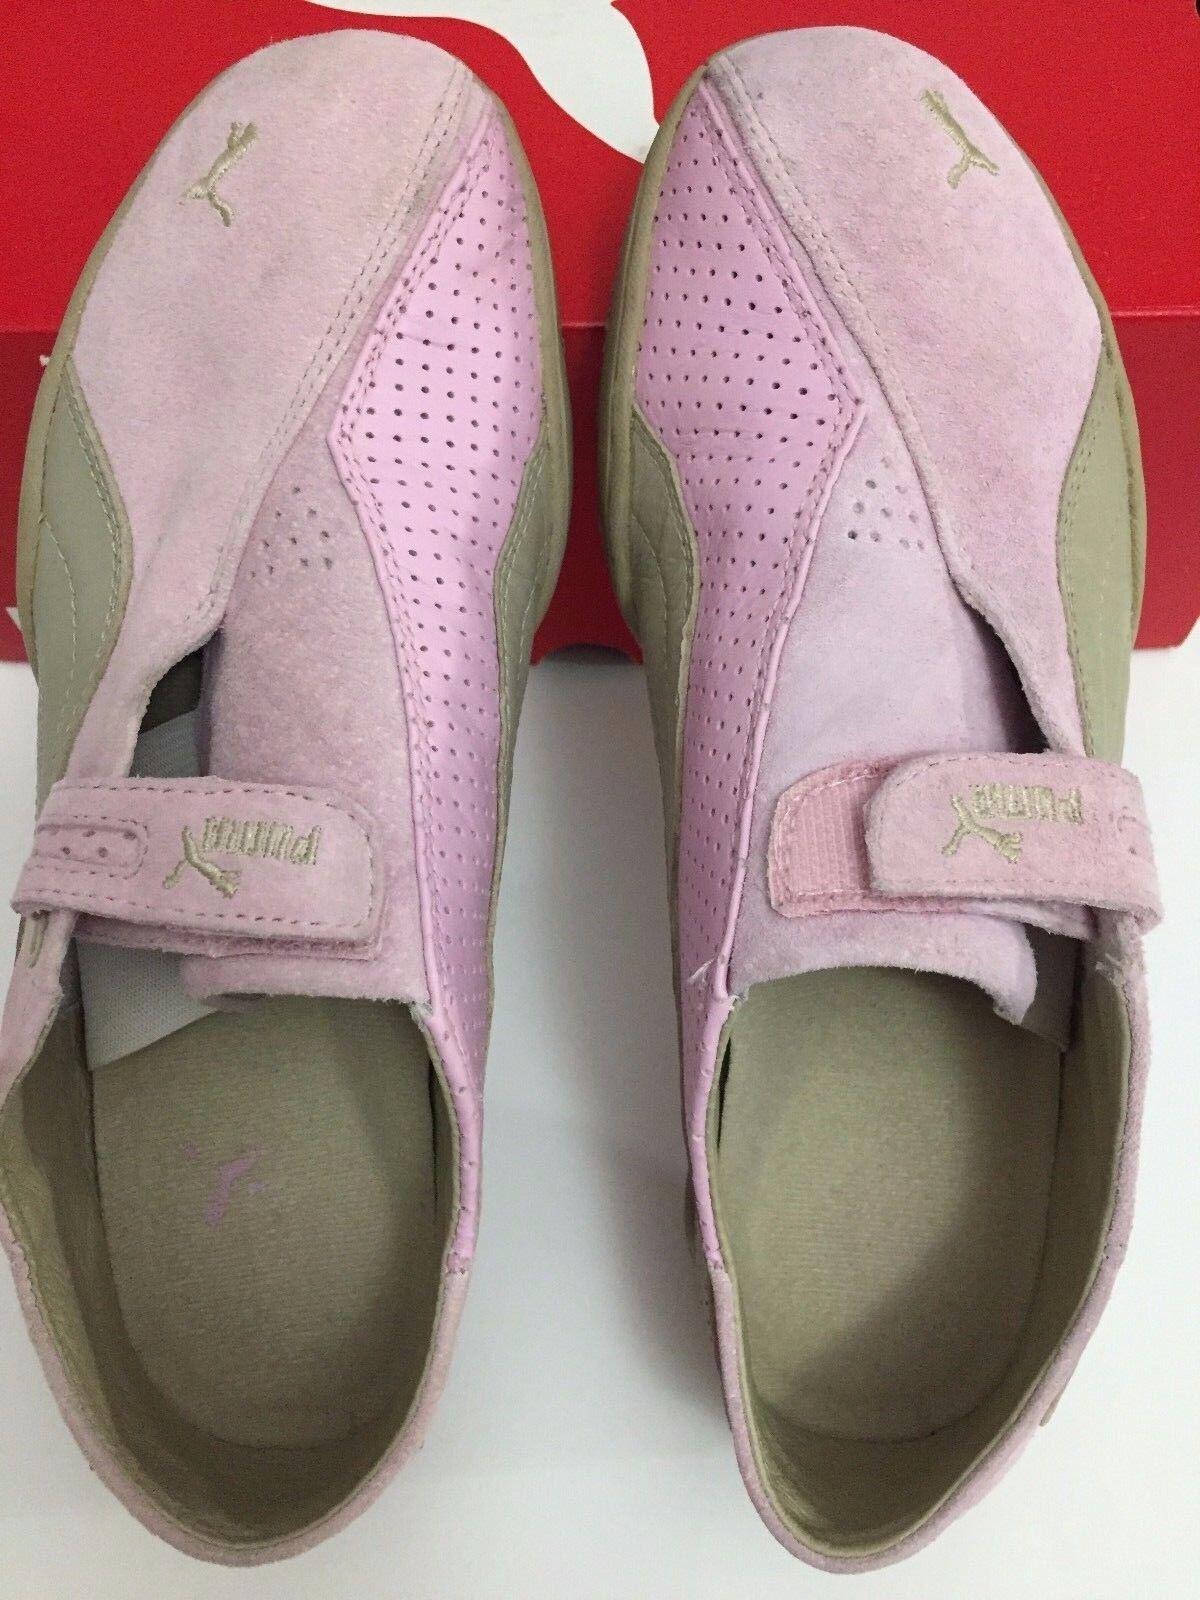 Puma Criatura Sneaker Women's US 8 Criatura Puma II Pink Lady-Safari Beige c7d072